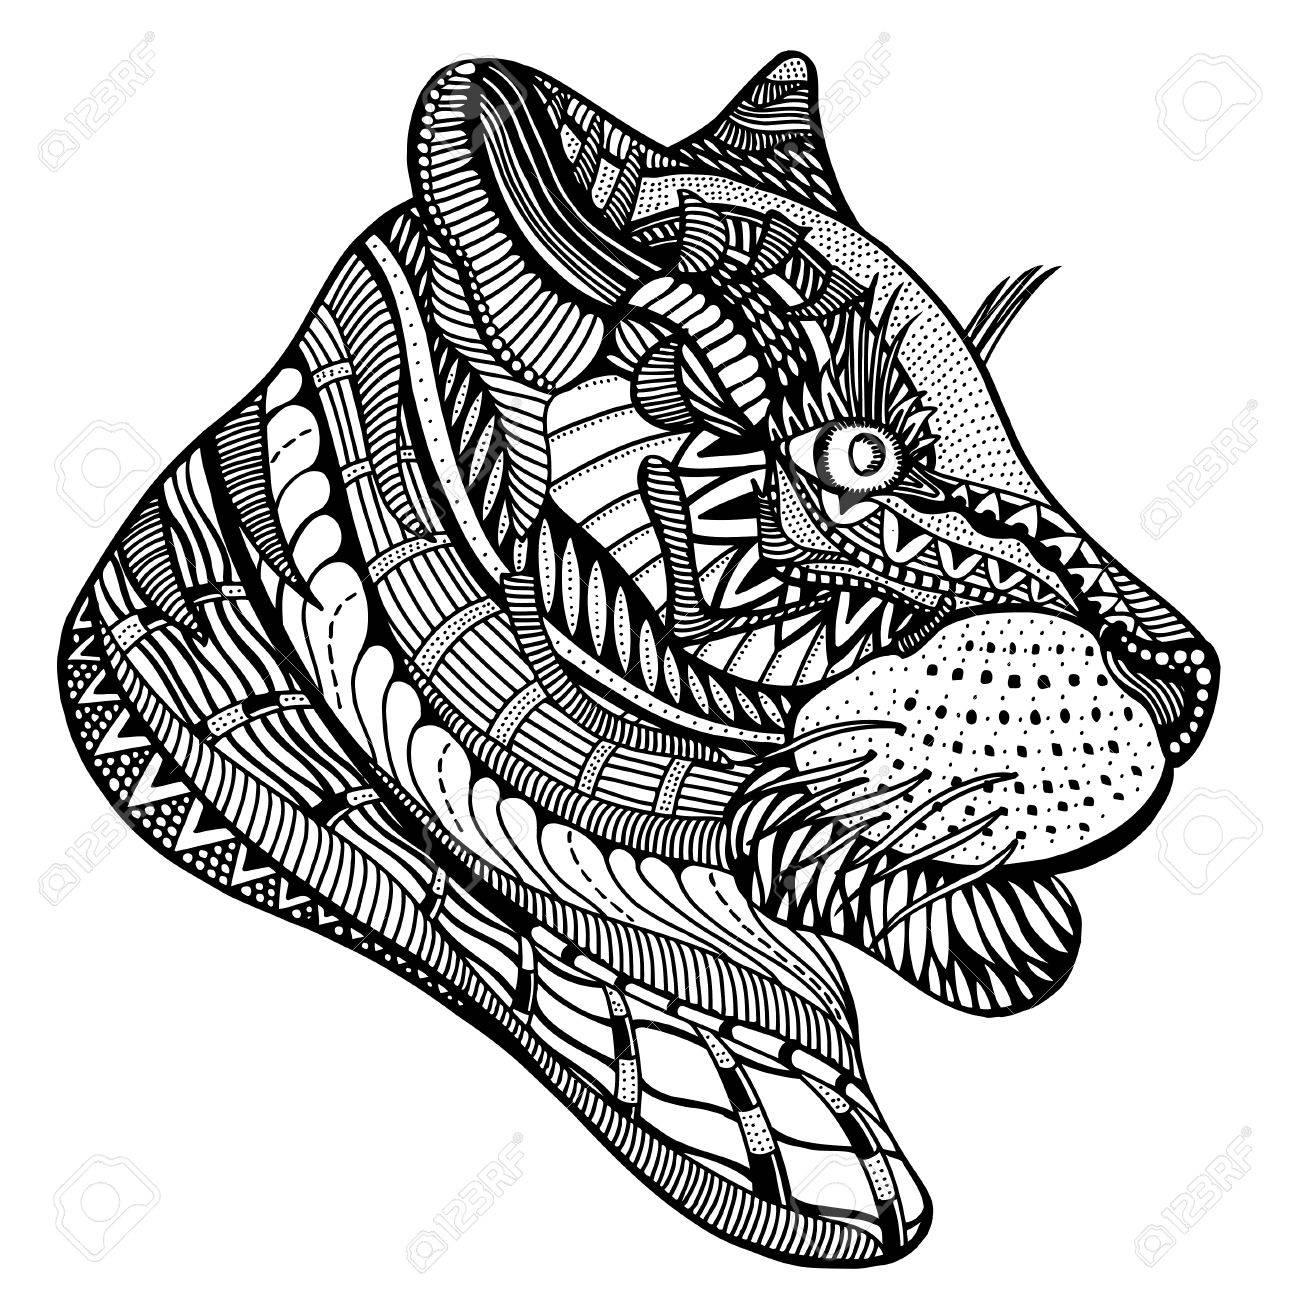 Tigre Dibujado A Mano Con Motivos Florales étnica. Dibujo Para ...